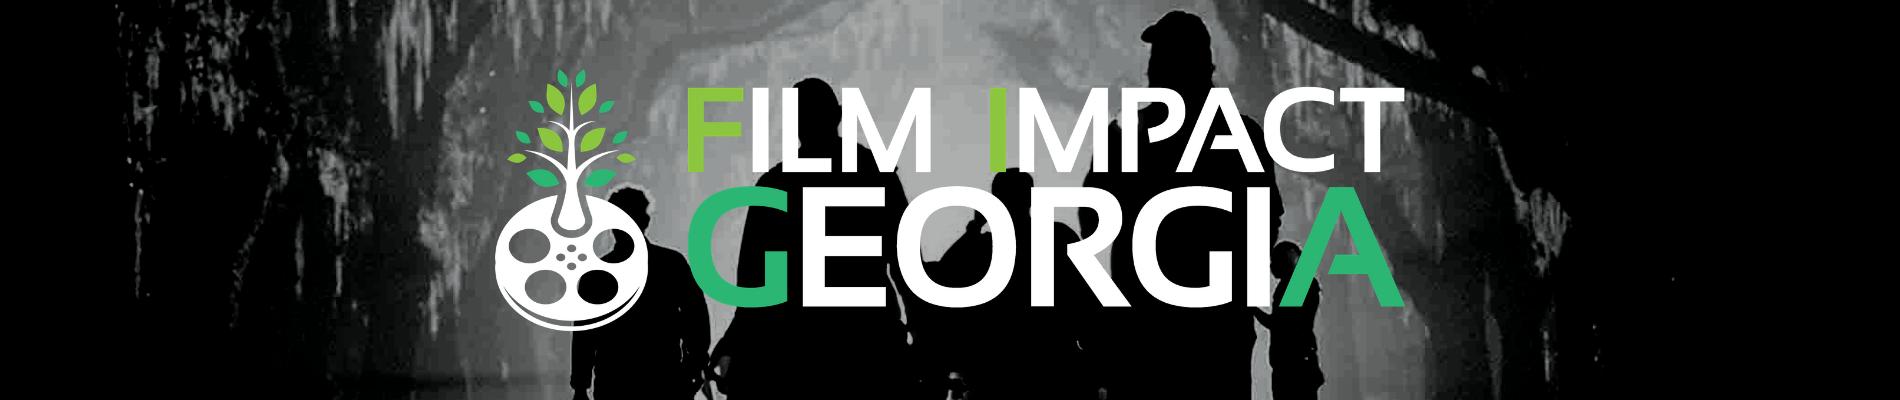 Film Impact Georgia